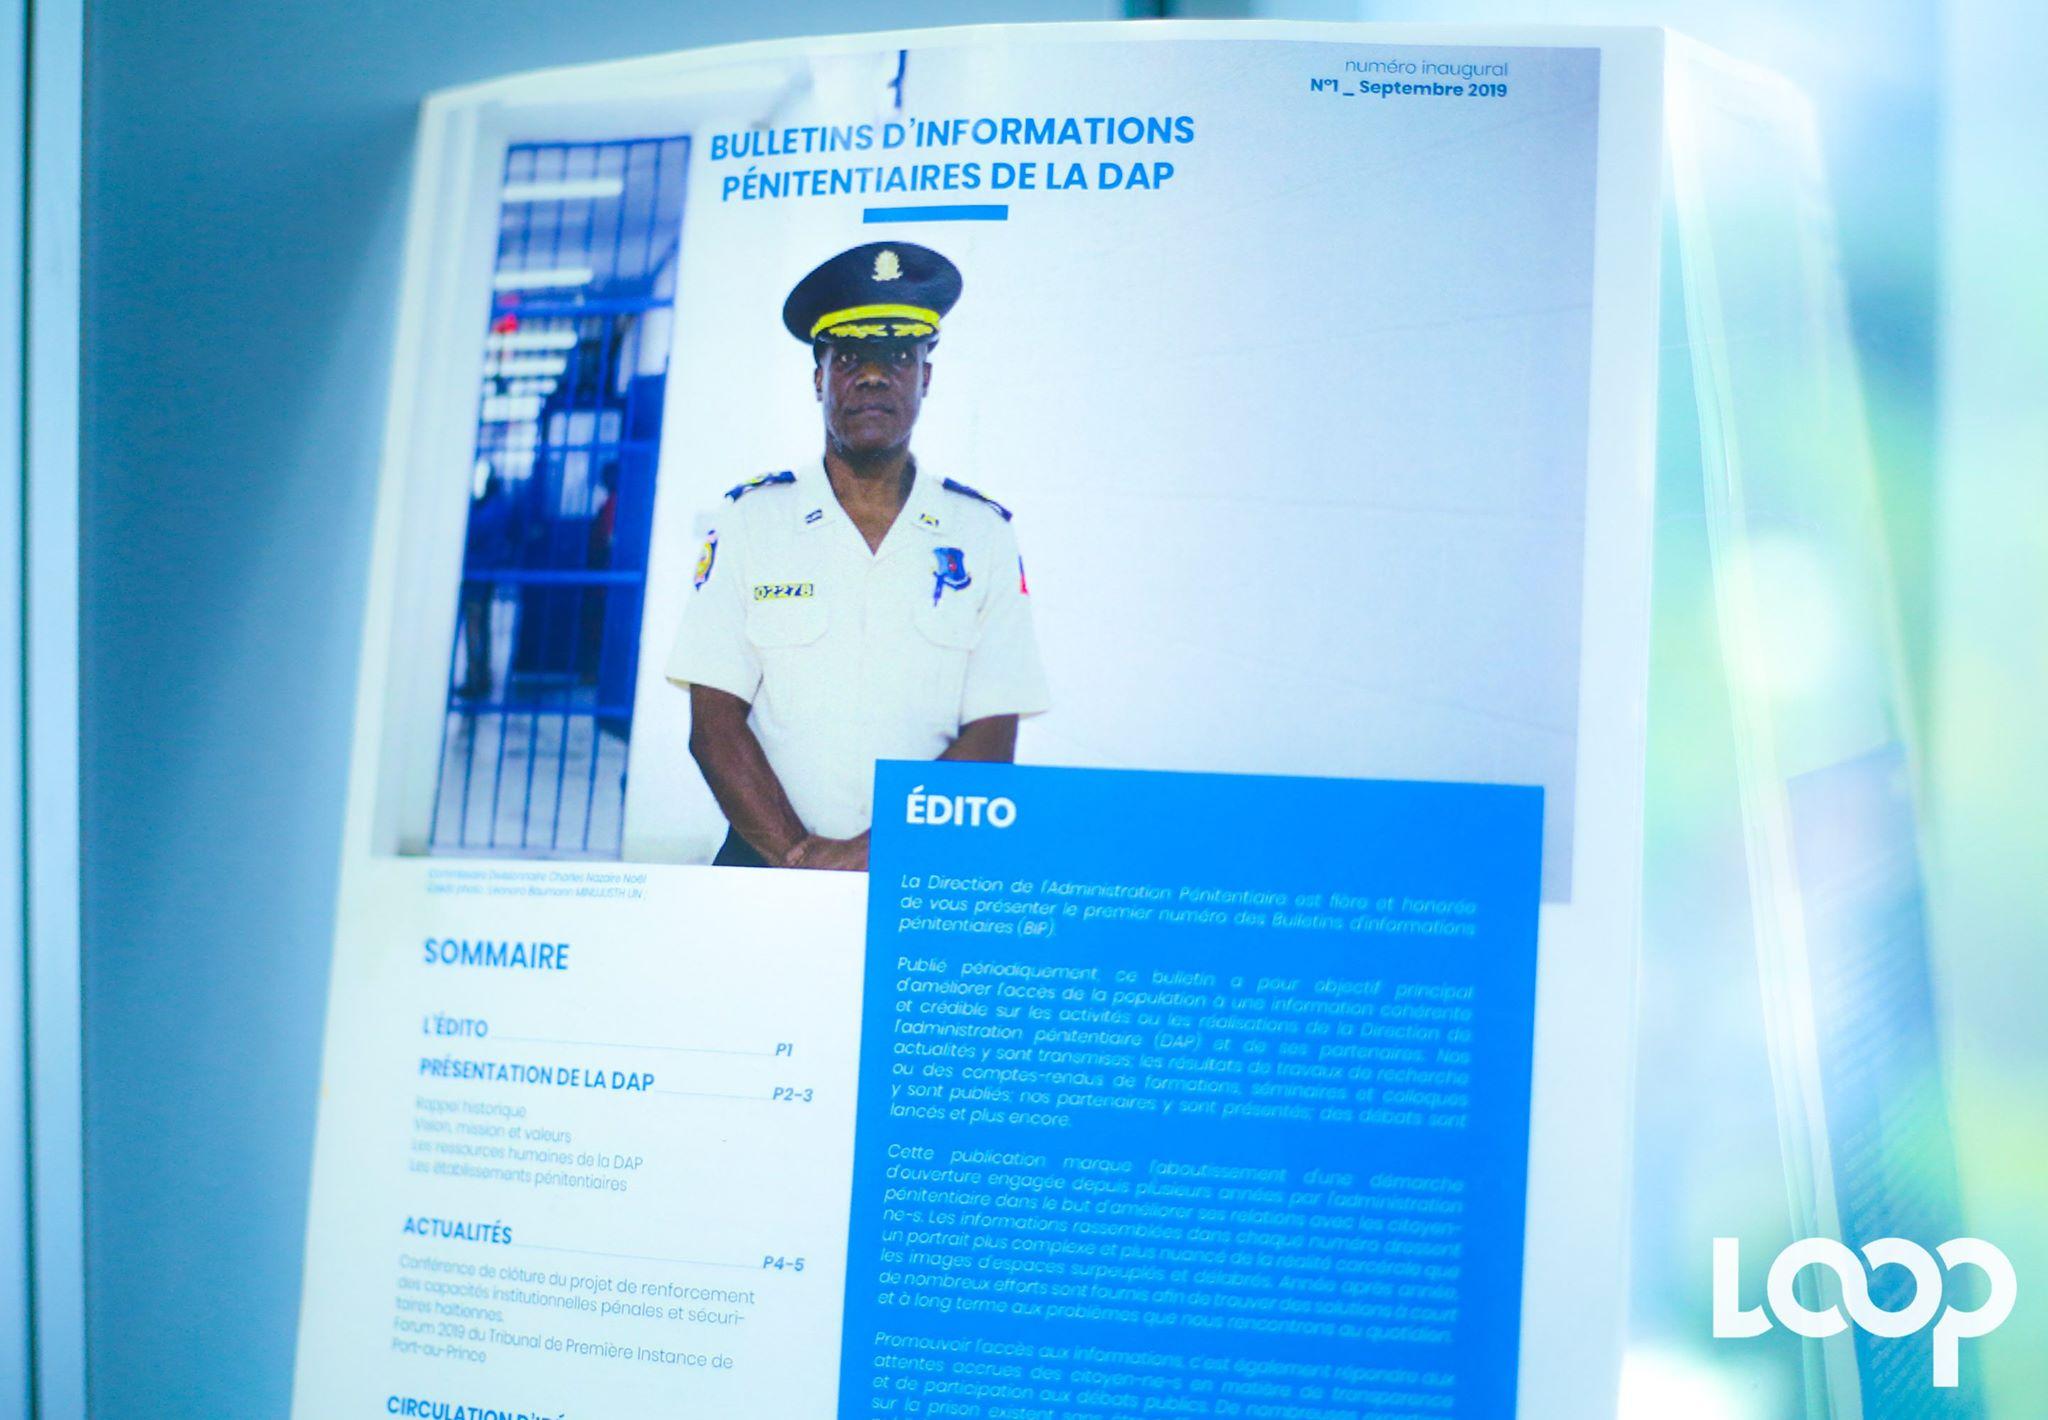 Le premier numéro du bulletin d'informations présenté par la Direction de l'Administration pénitentiaire jeudi 10 octobre à l'hôtel Oasis  ou s'est déroulé un colloque international sur les prisons en Haiti.